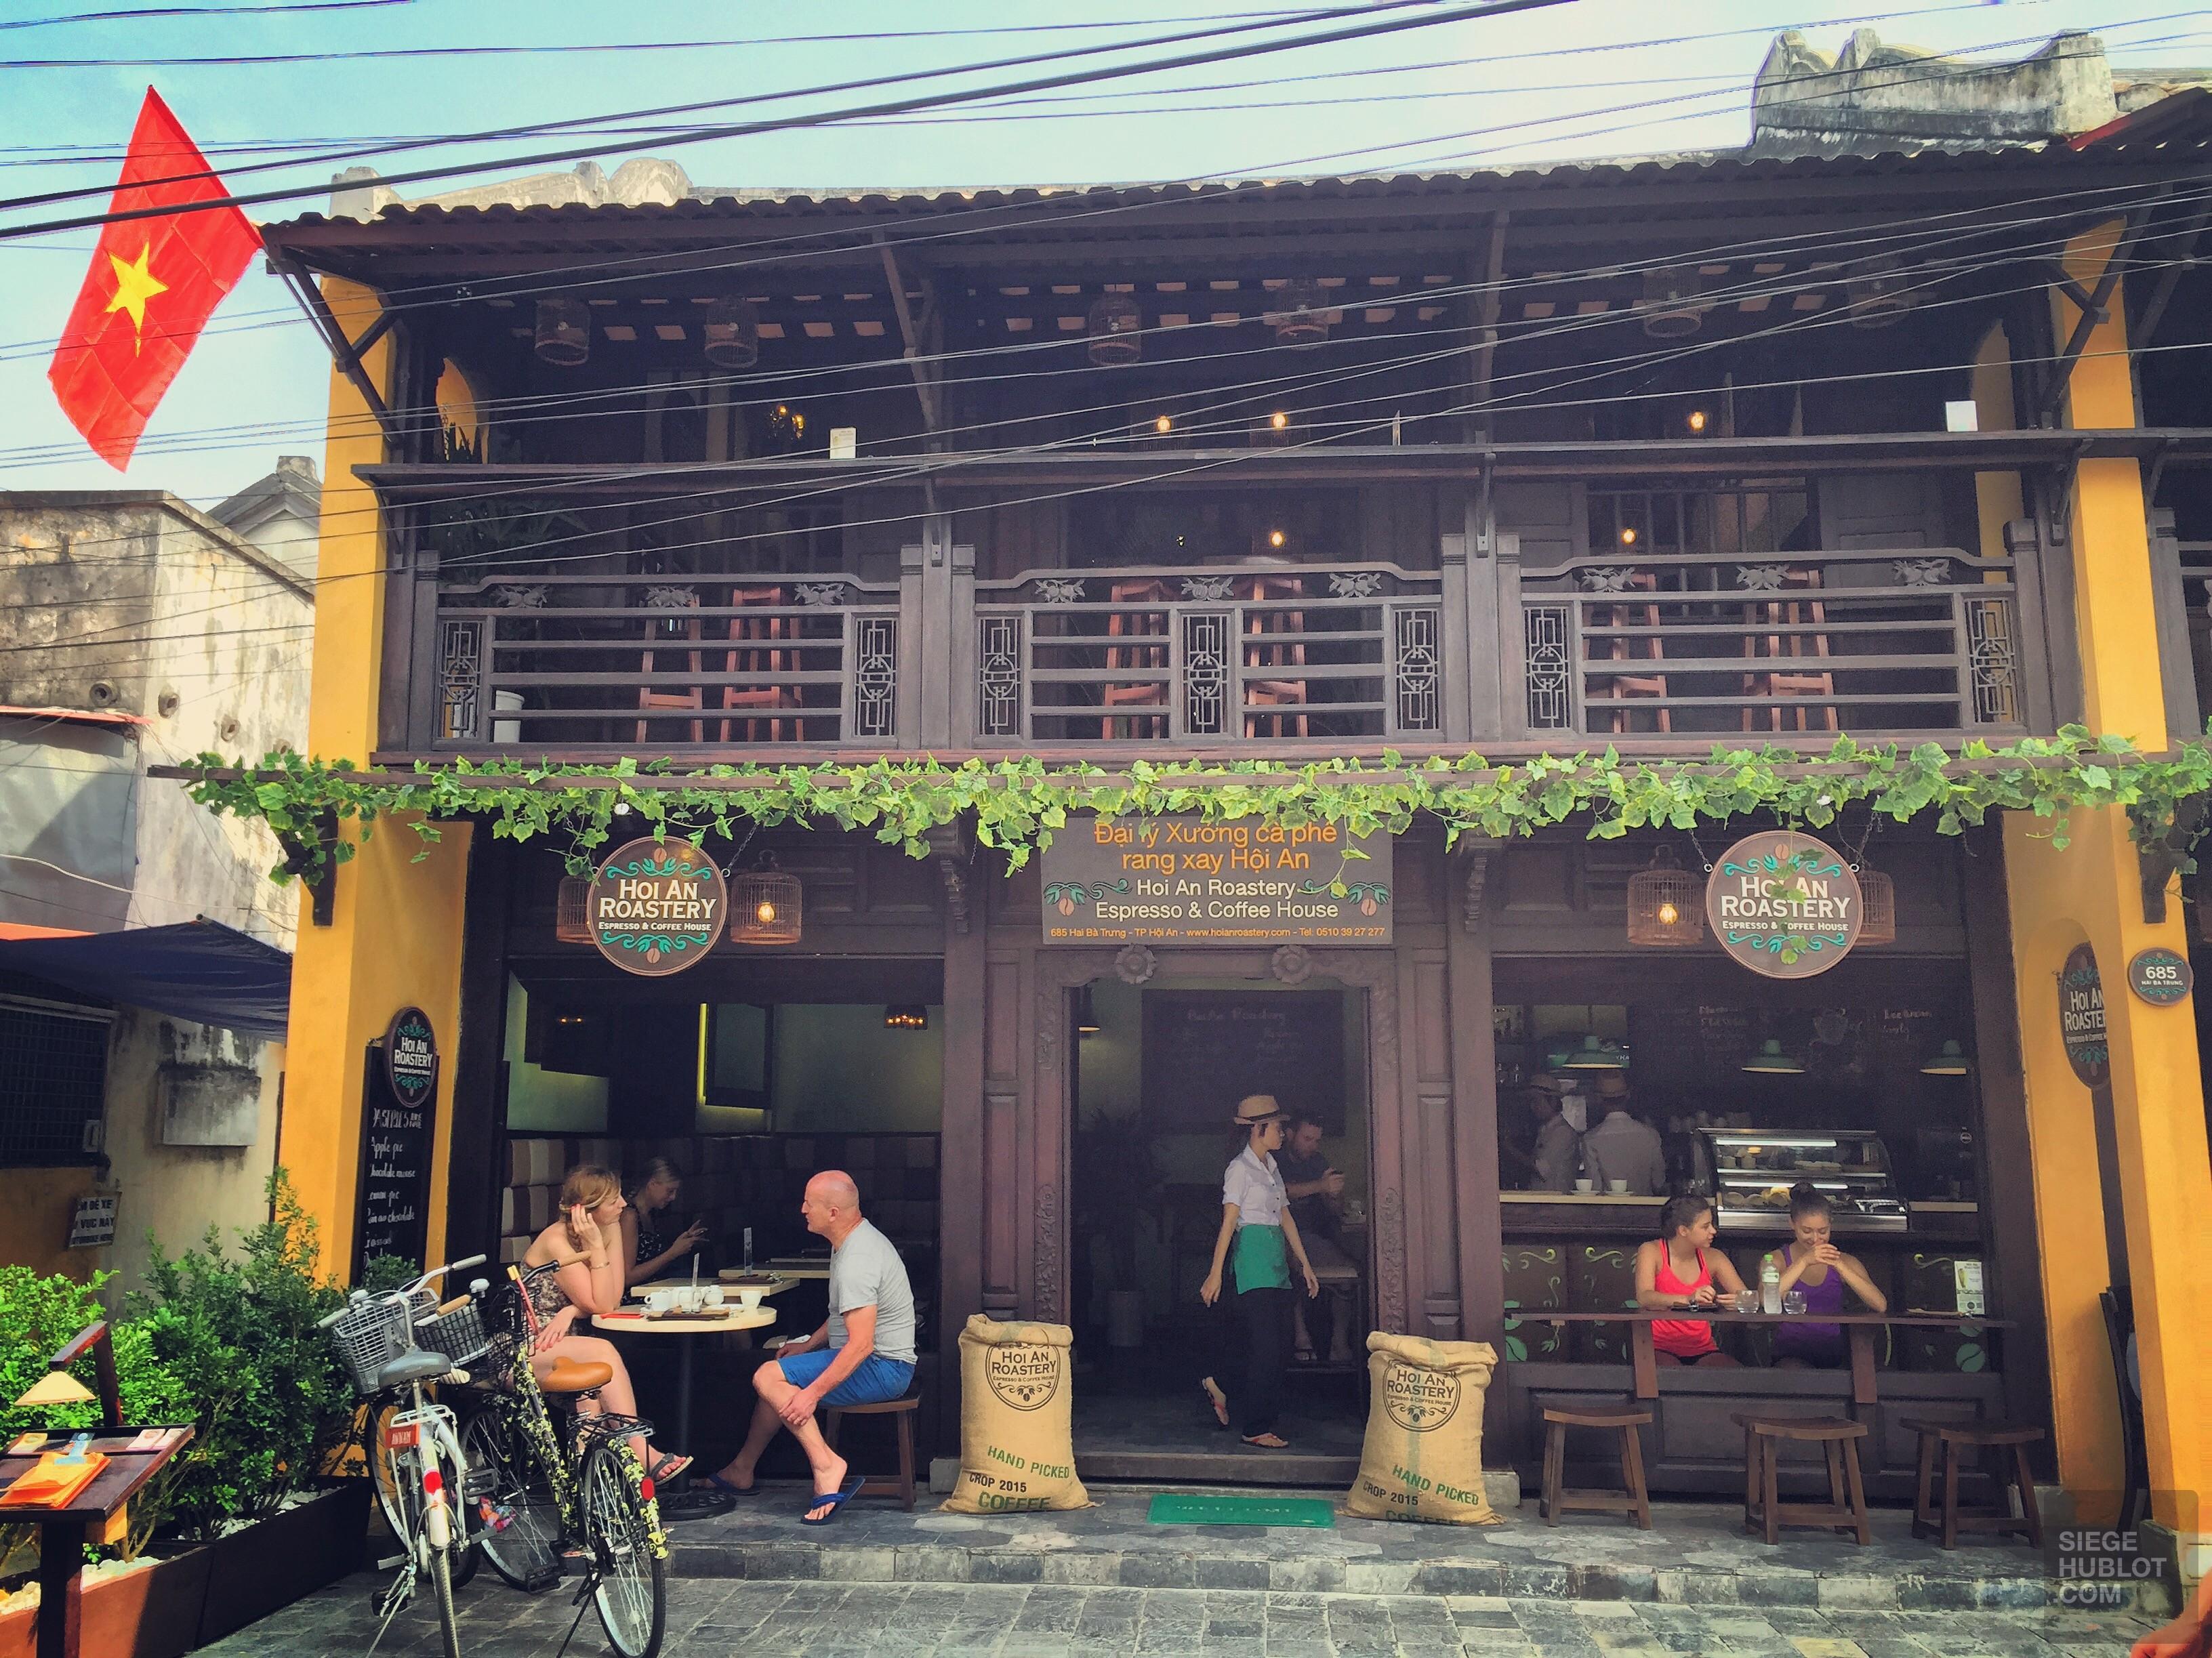 Un café à Hoi An, Viêt Nam - vietnam, cafes-restos, cafes, asie